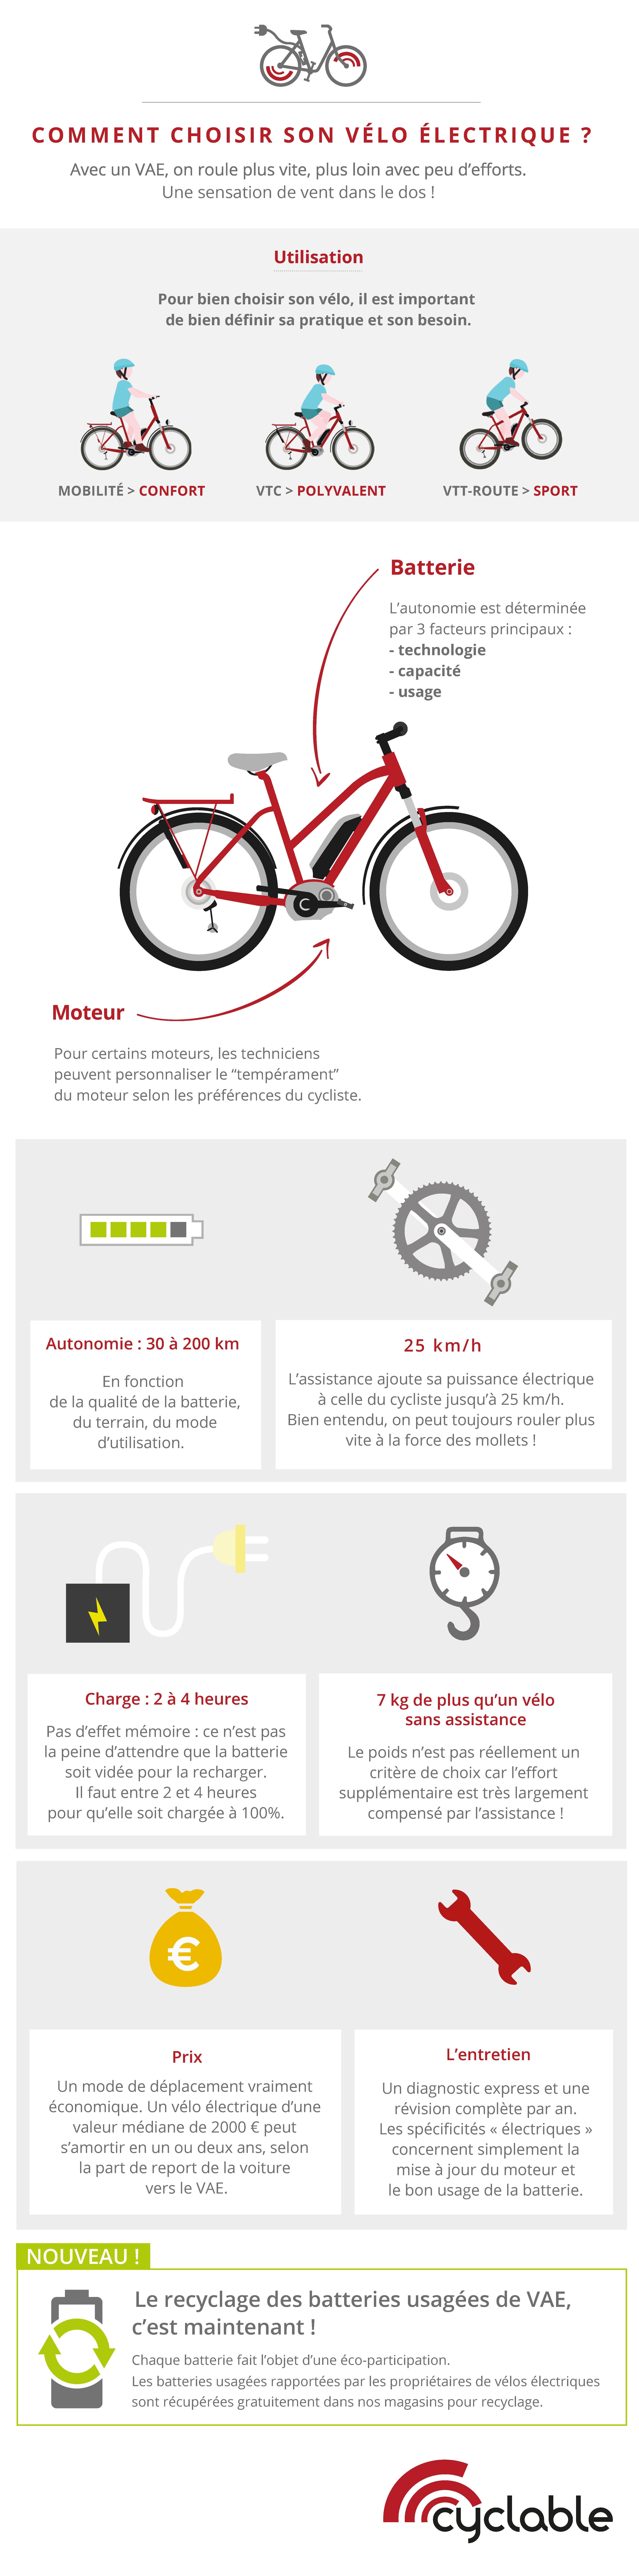 Infographie présentant les critères essentiels pour choisir un vélo électrique